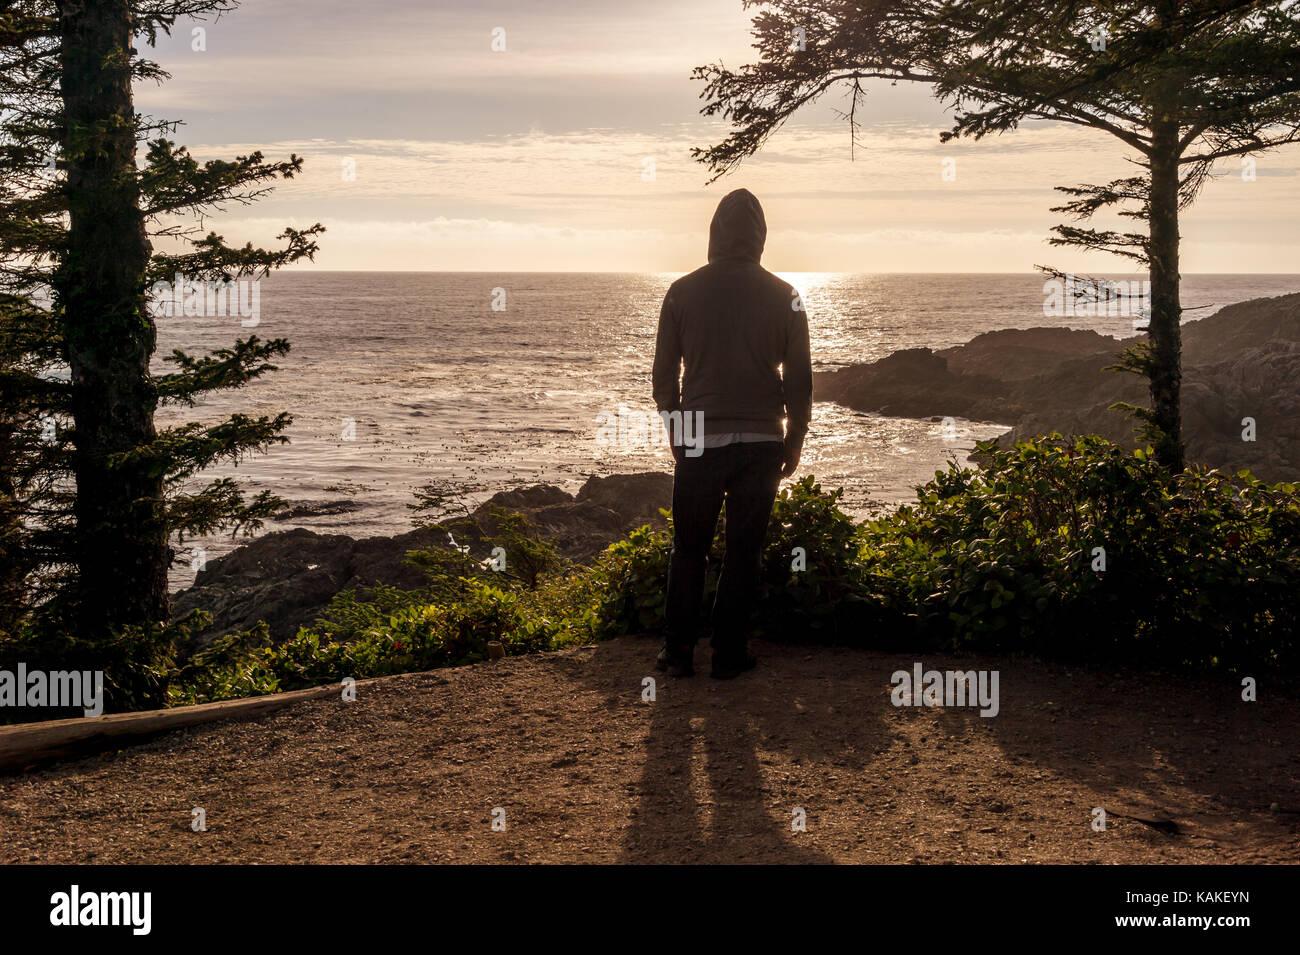 Hombre de pie con vistas al mar en la isla de Vancouver al atardecer Imagen De Stock